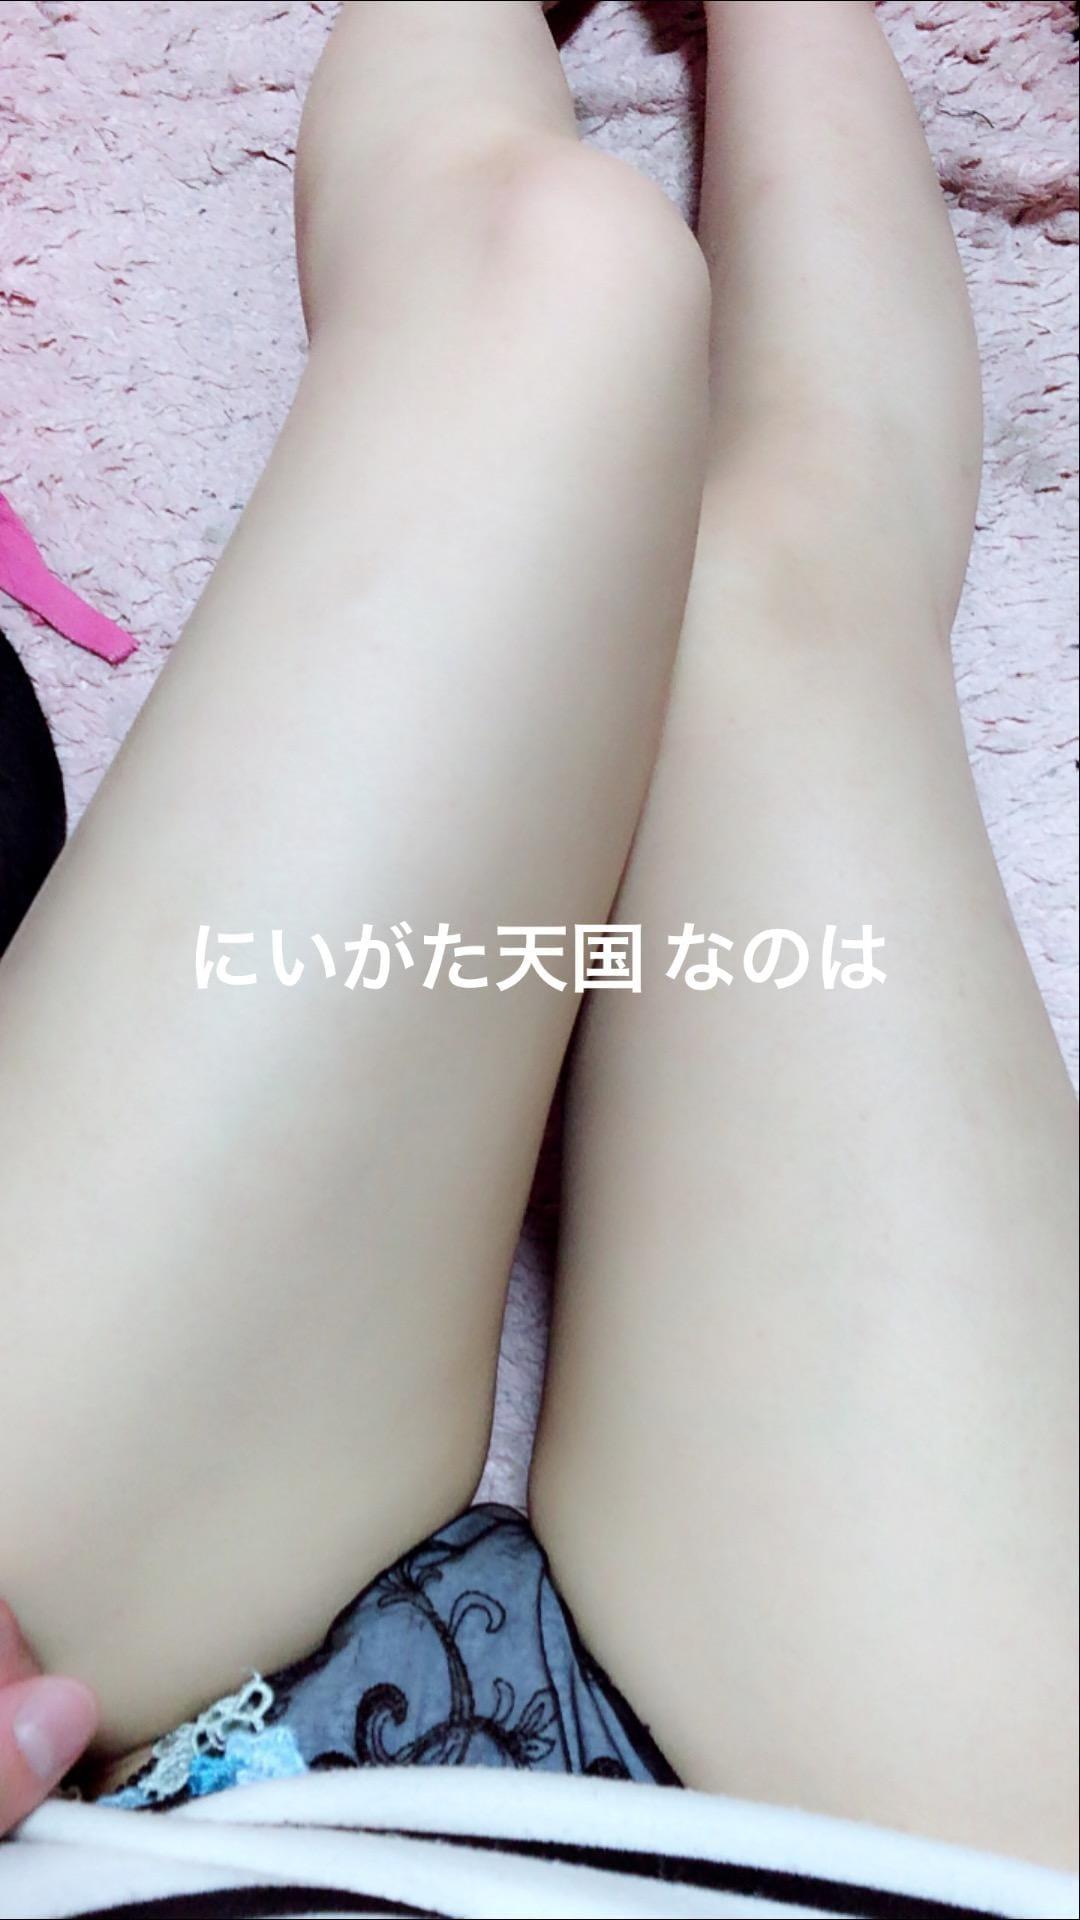 「ありがとうございました!」07/15(07/15) 19:24 | なのは☆2年生☆の写メ・風俗動画